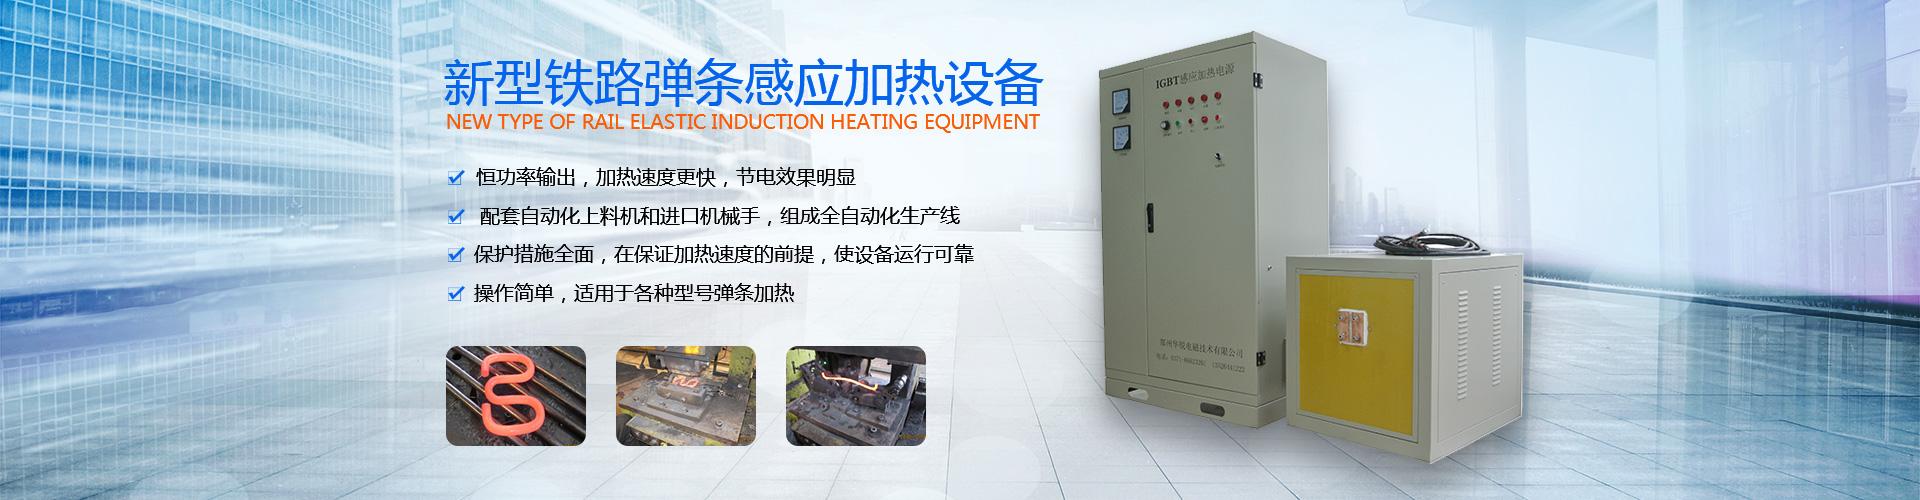 感应焊接设备厂家